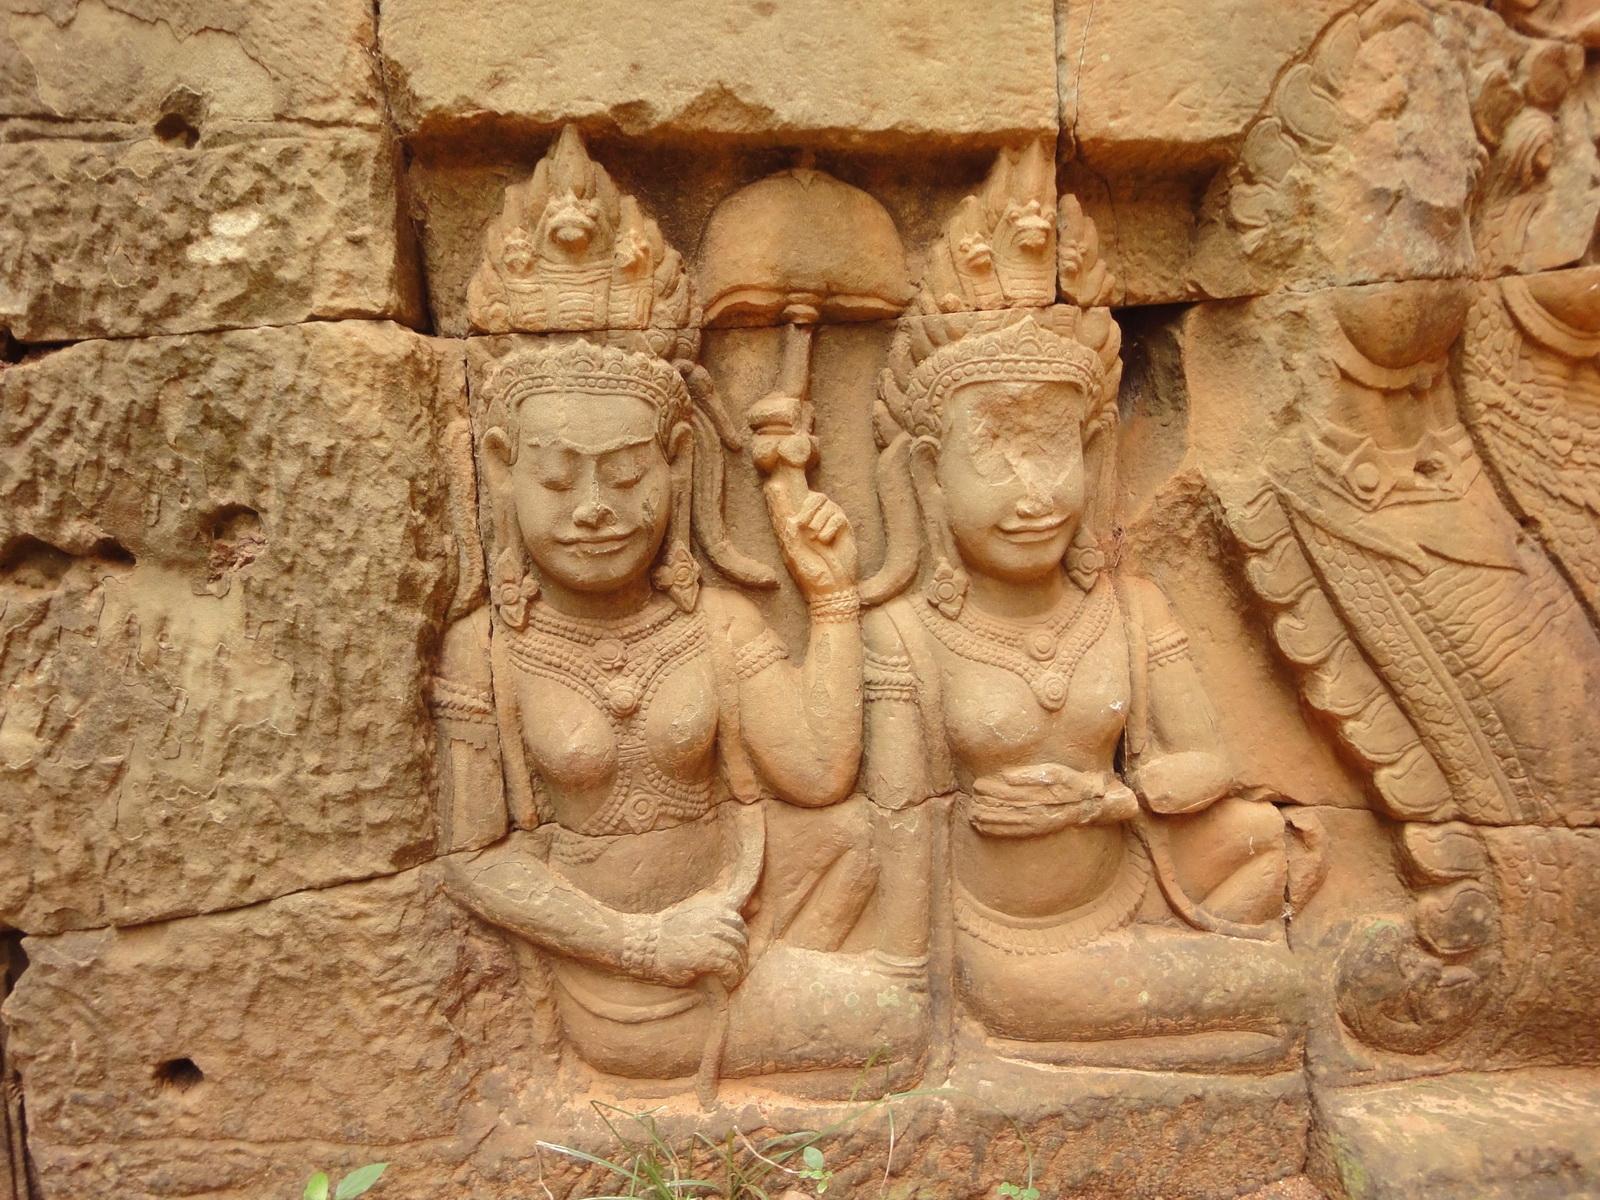 Leper King Terrace hidden wall underworld Nagas and deities 037